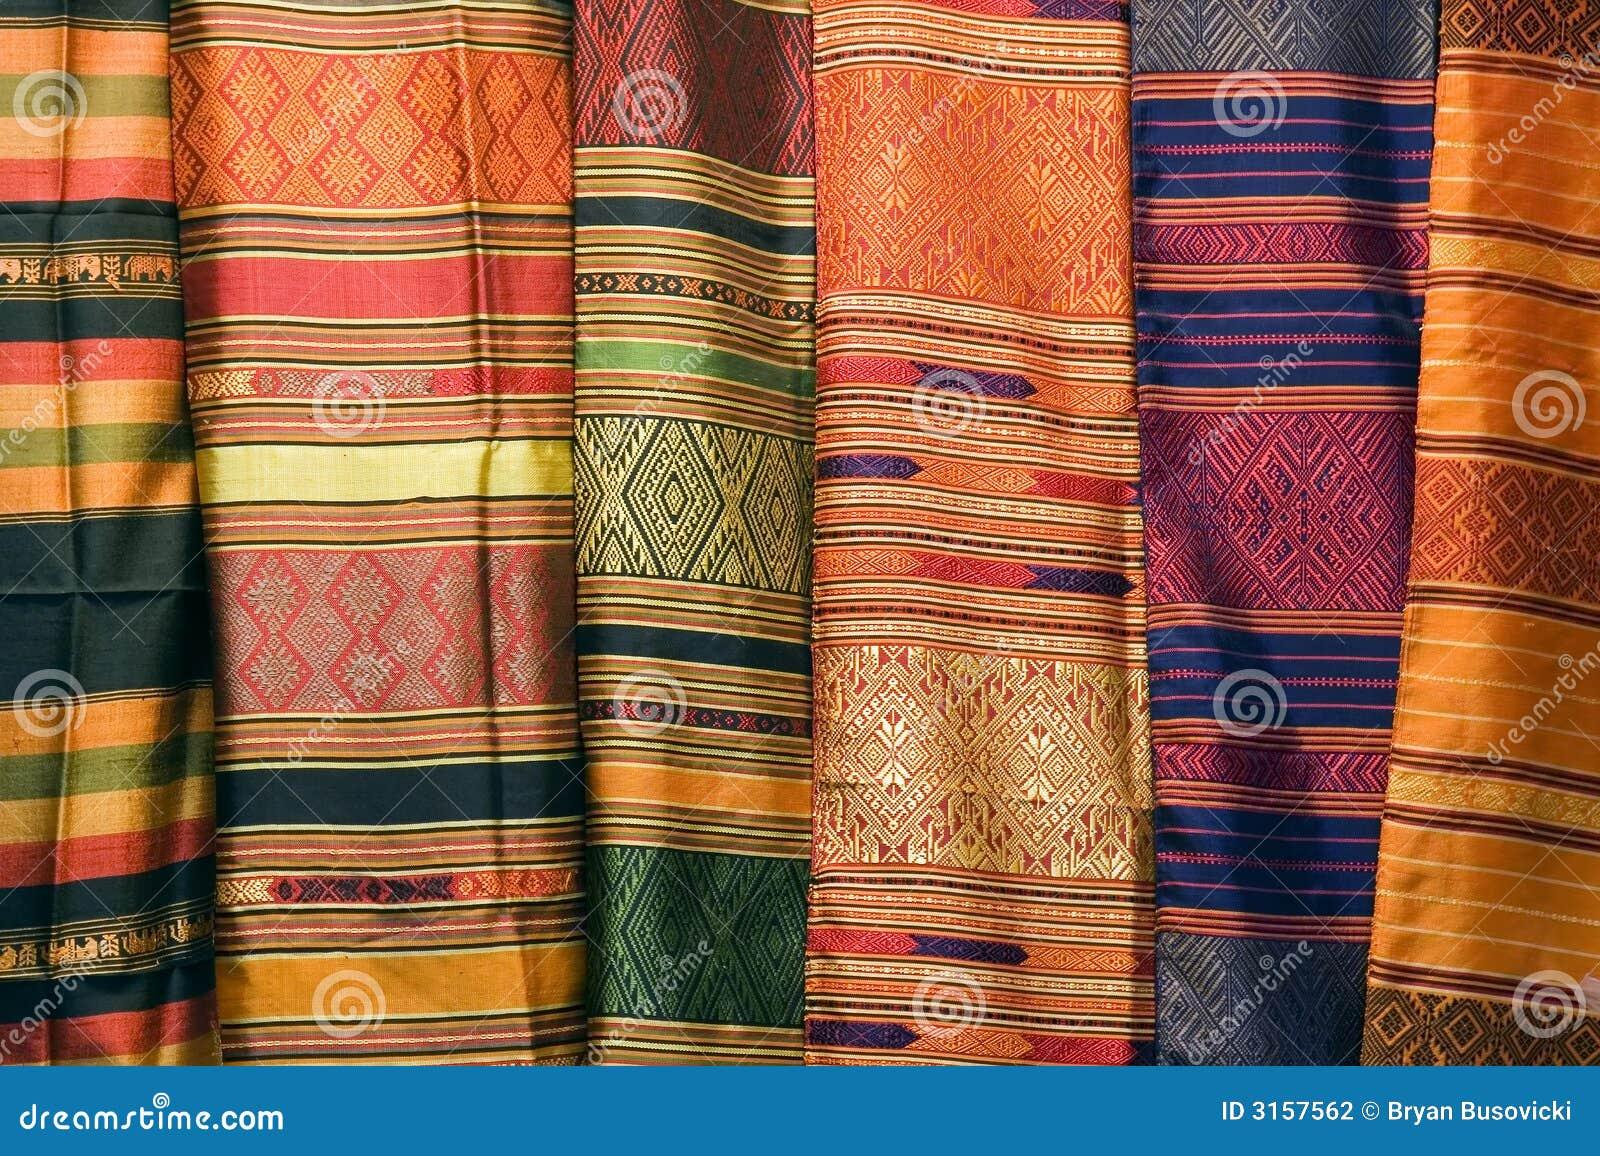 thai kristinehamn thai silk